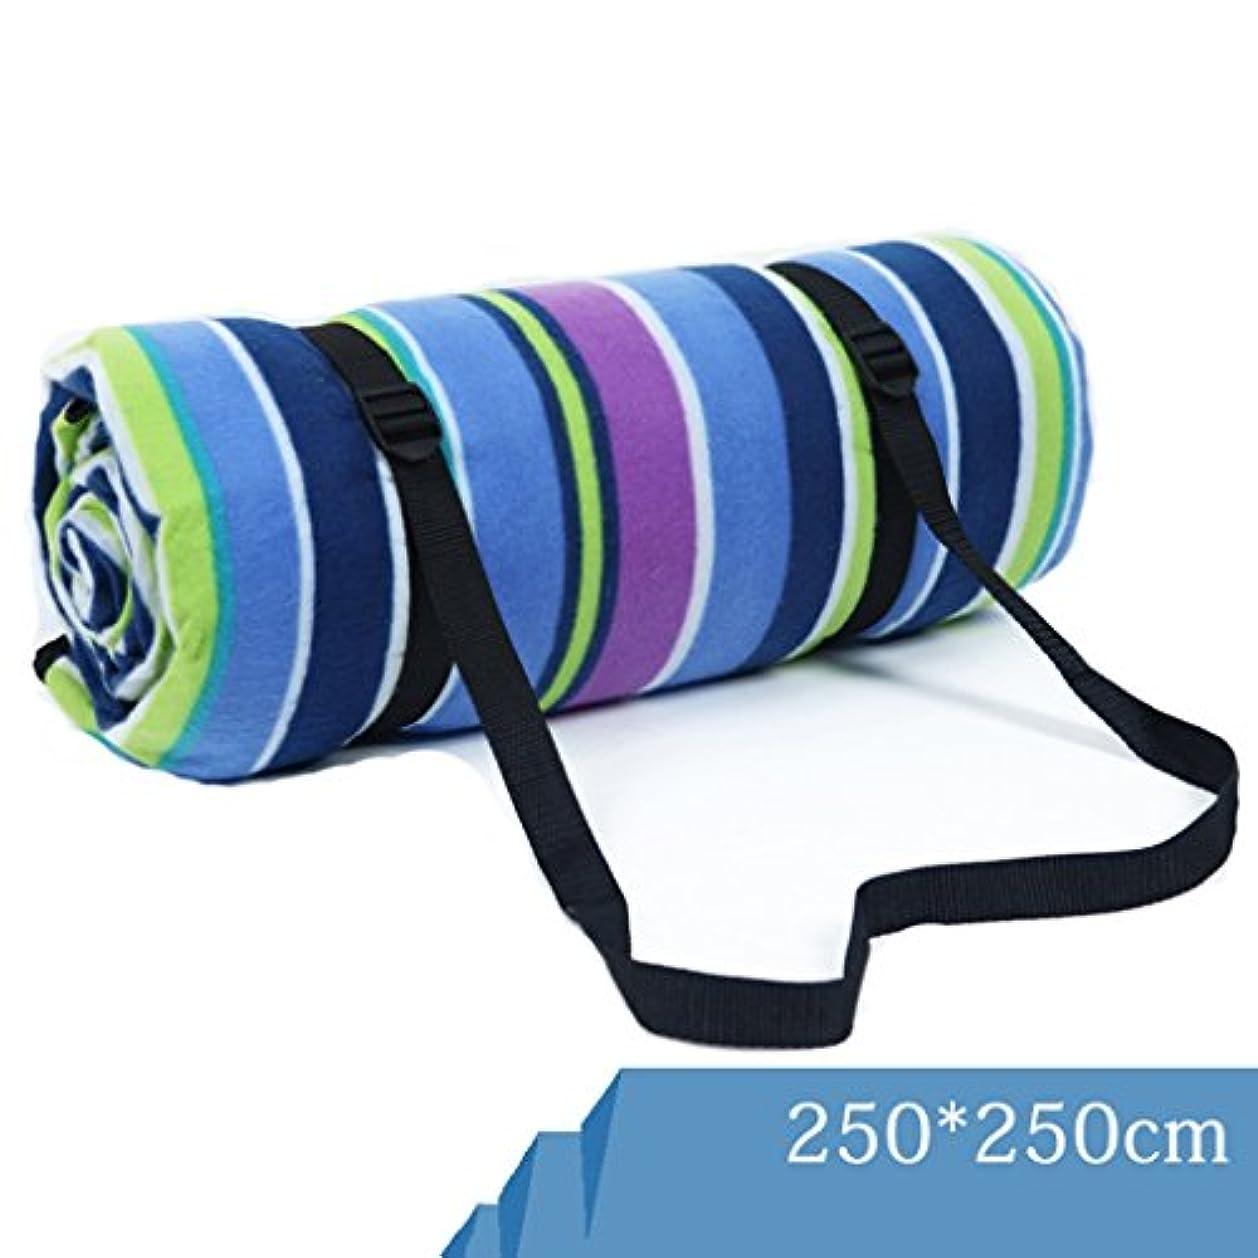 マーキー甘くする敏感なピクニックマット 屋外テント防湿パッド多くの人々キャンプ用マット250X250CM厚くする防水ピクニックマット (色 : Blue-violet stripes, サイズ さいず : 250*250cm)